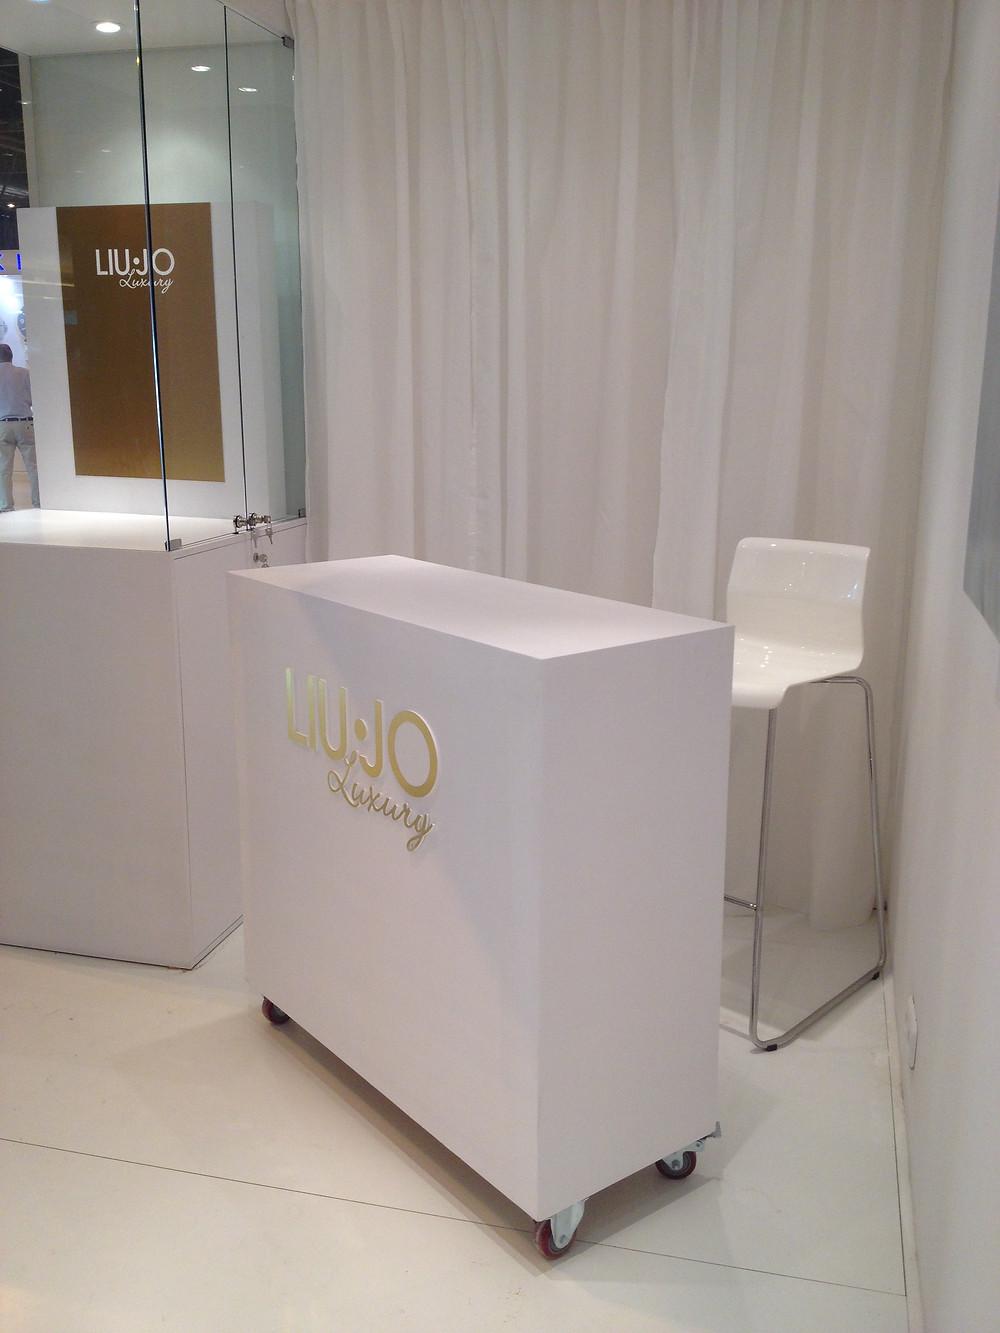 diseño de stands para Liu-jo realizado por Decoración de stands en Madrid joya